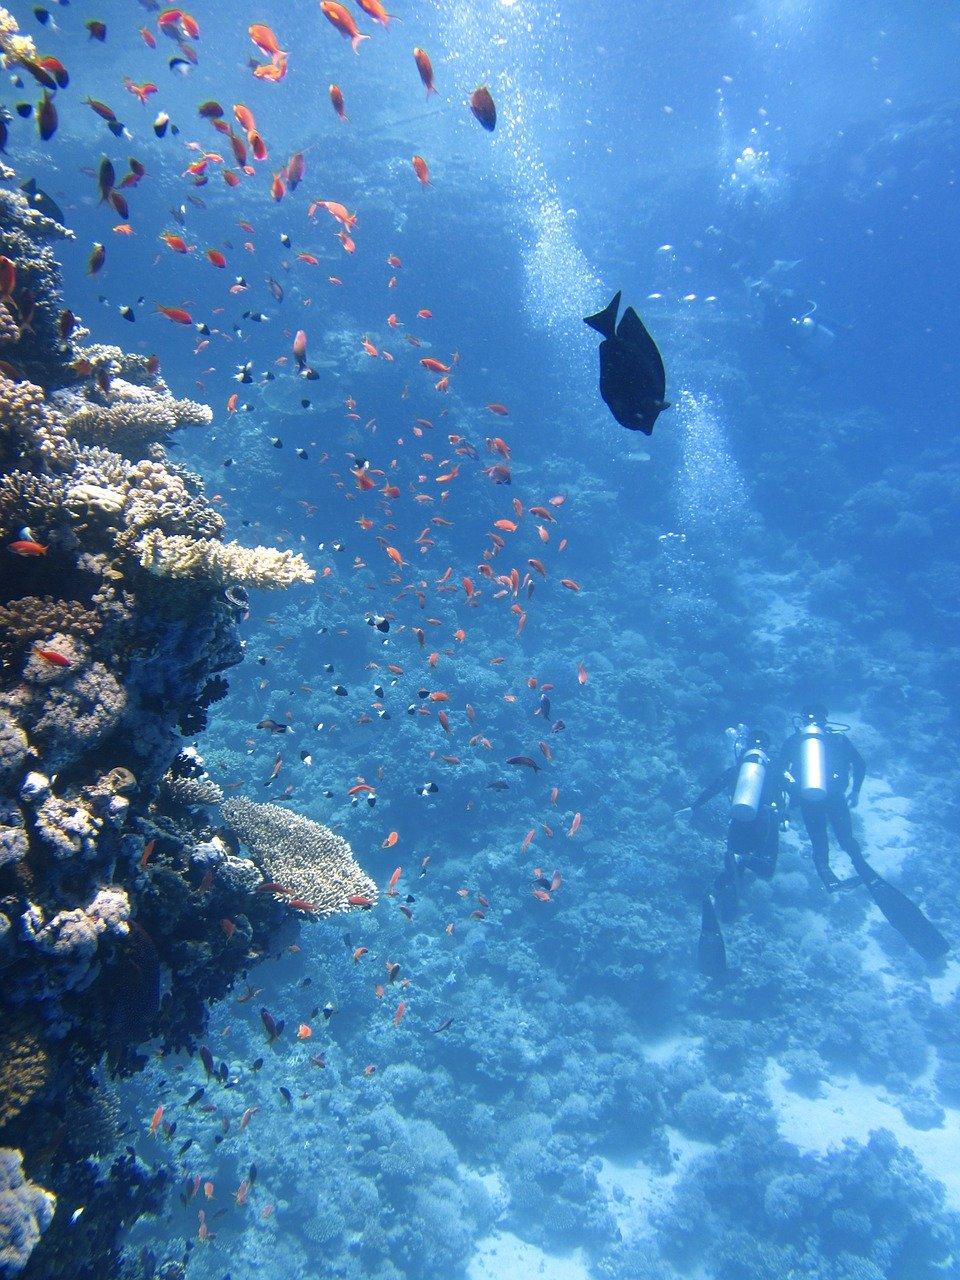 divers, underwater, ocean